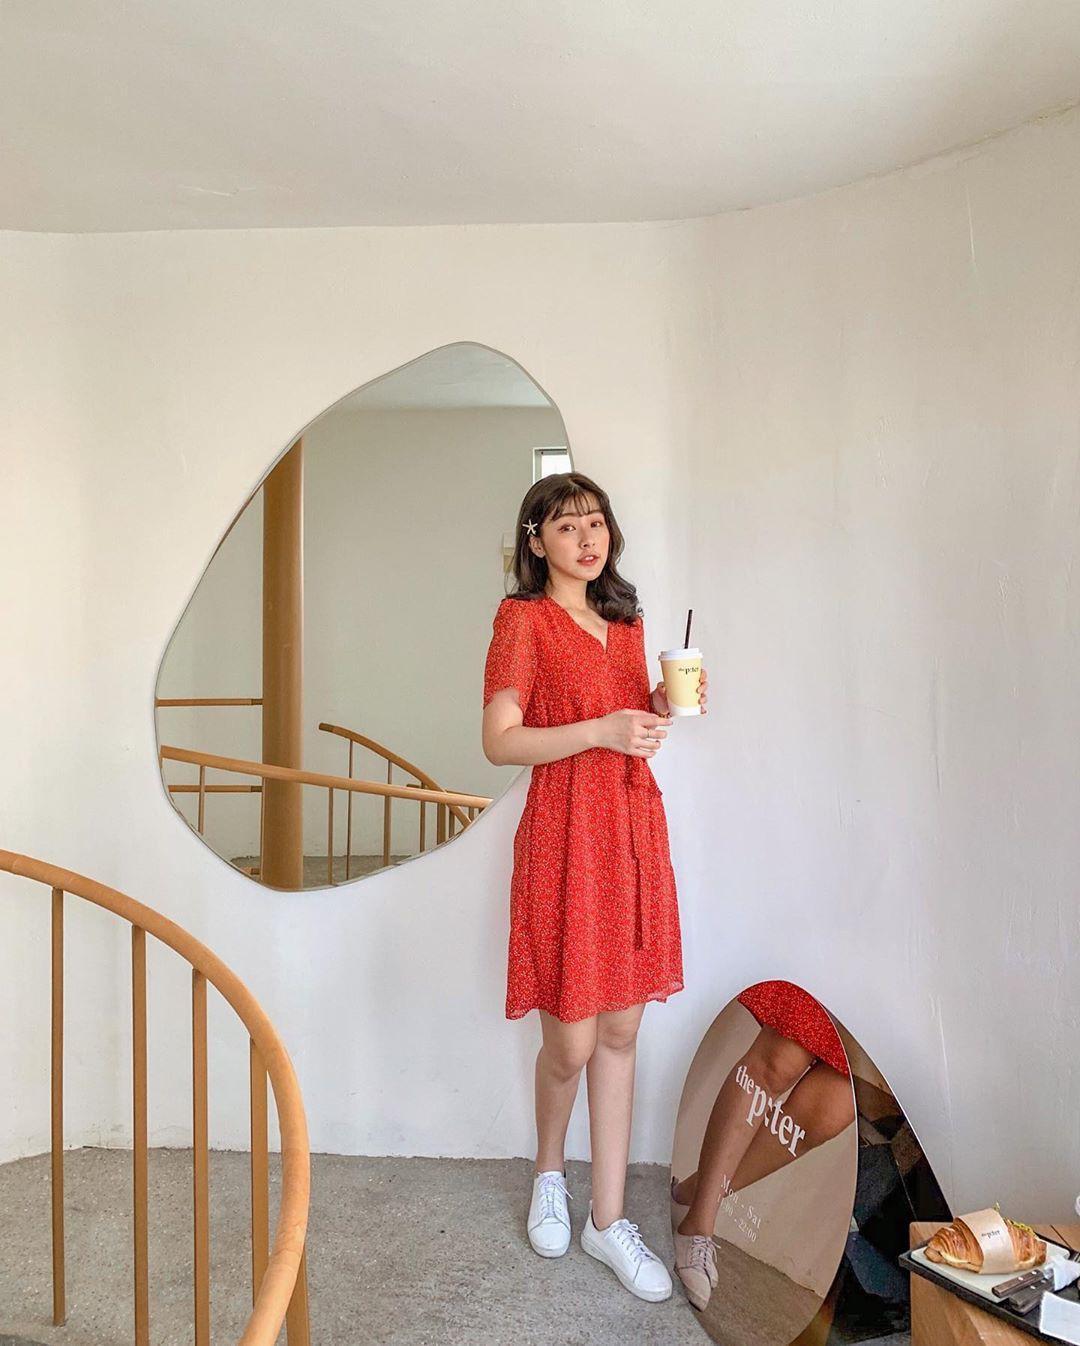 Nàng nào diện váy cũng rất xinh nhưng nếu áp dụng 4 tips sau, vẻ ngoài sẽ càng thêm thanh mảnh và hút mắt - Ảnh 12.